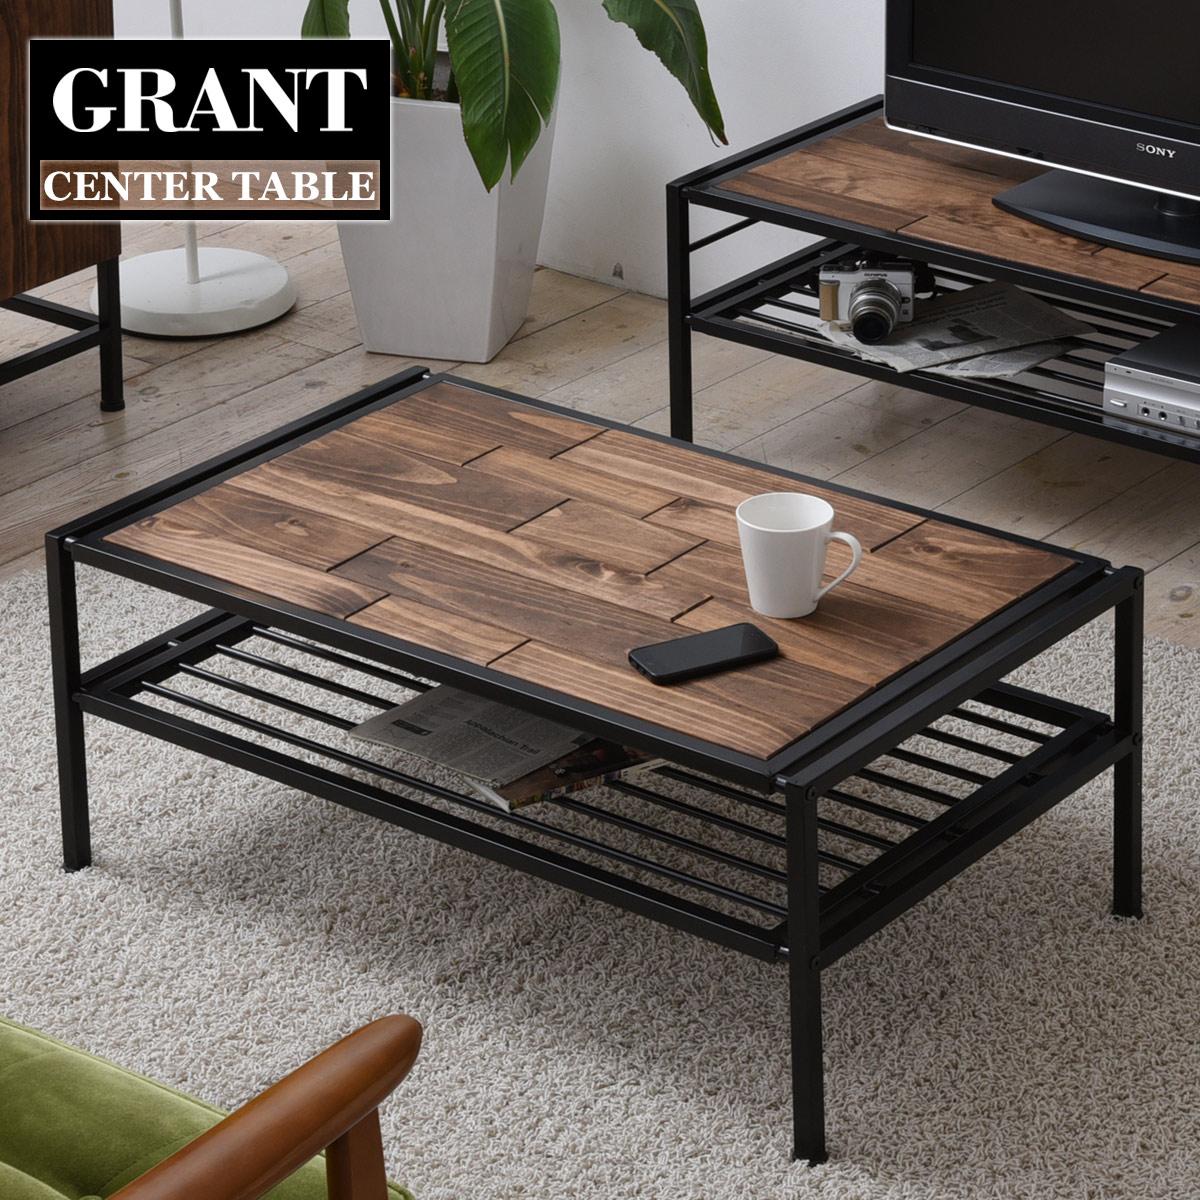 【送料無料】 【メーカー直送・代引不可】GRANT センターテーブル